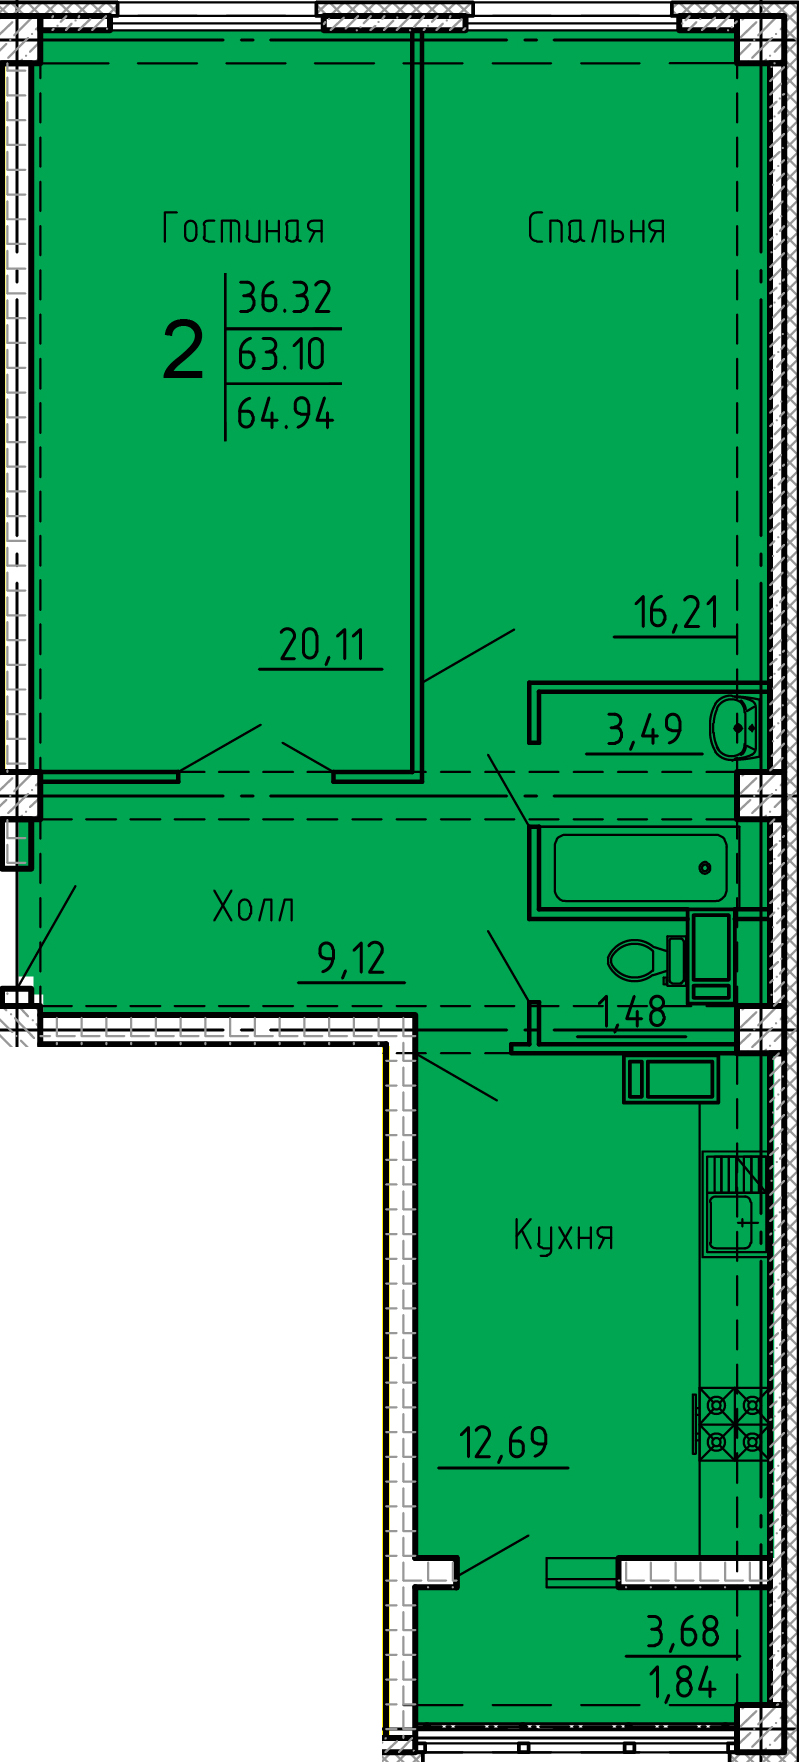 """2 комнатная 64,94 кв.м. (ЖК """"Арбековская застава"""")"""